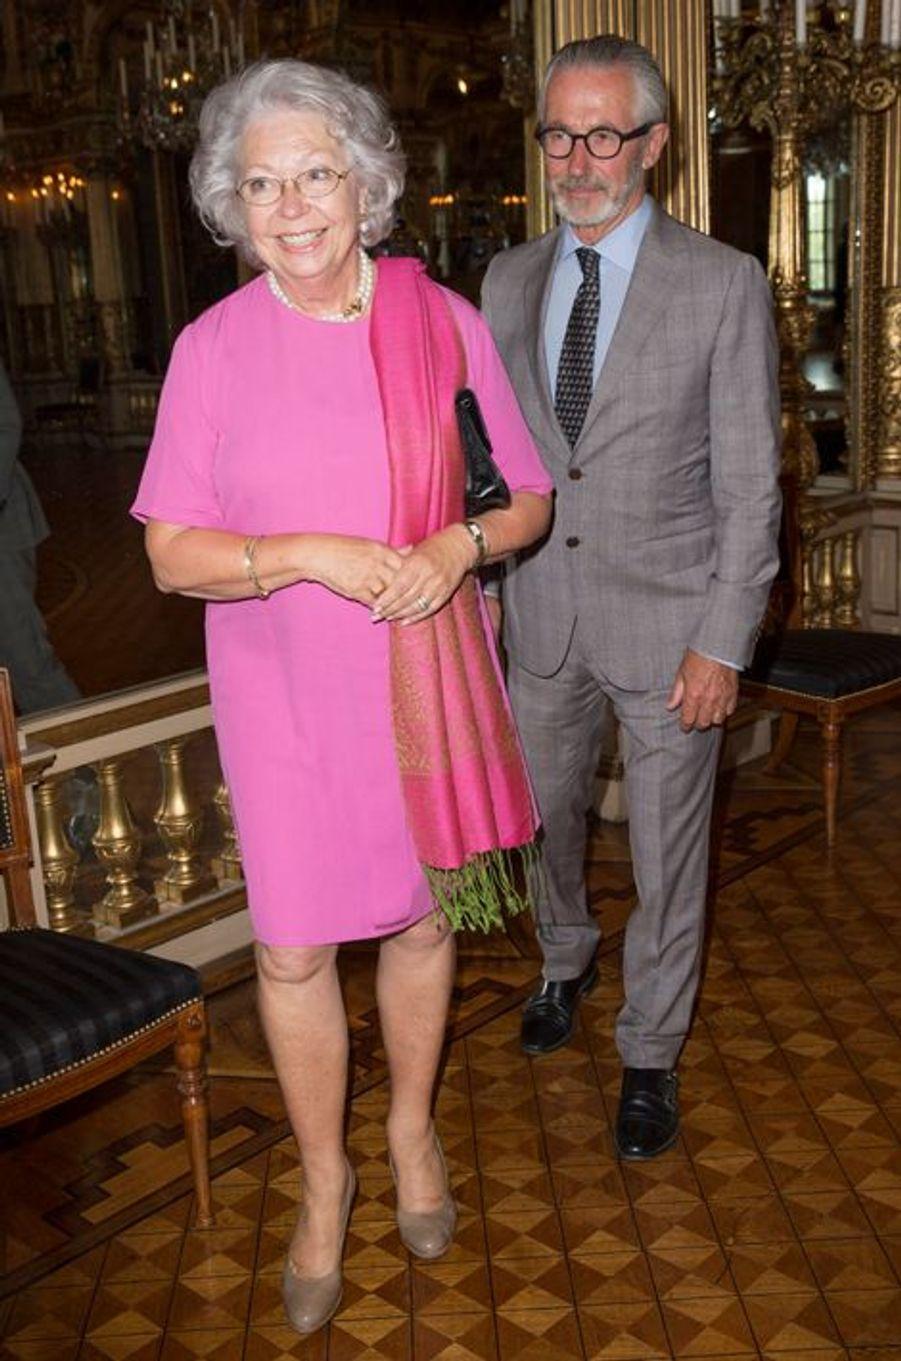 La princesse Christina de Suède et son mari Tord Magnuson à Stockholm, le 29 août 2015